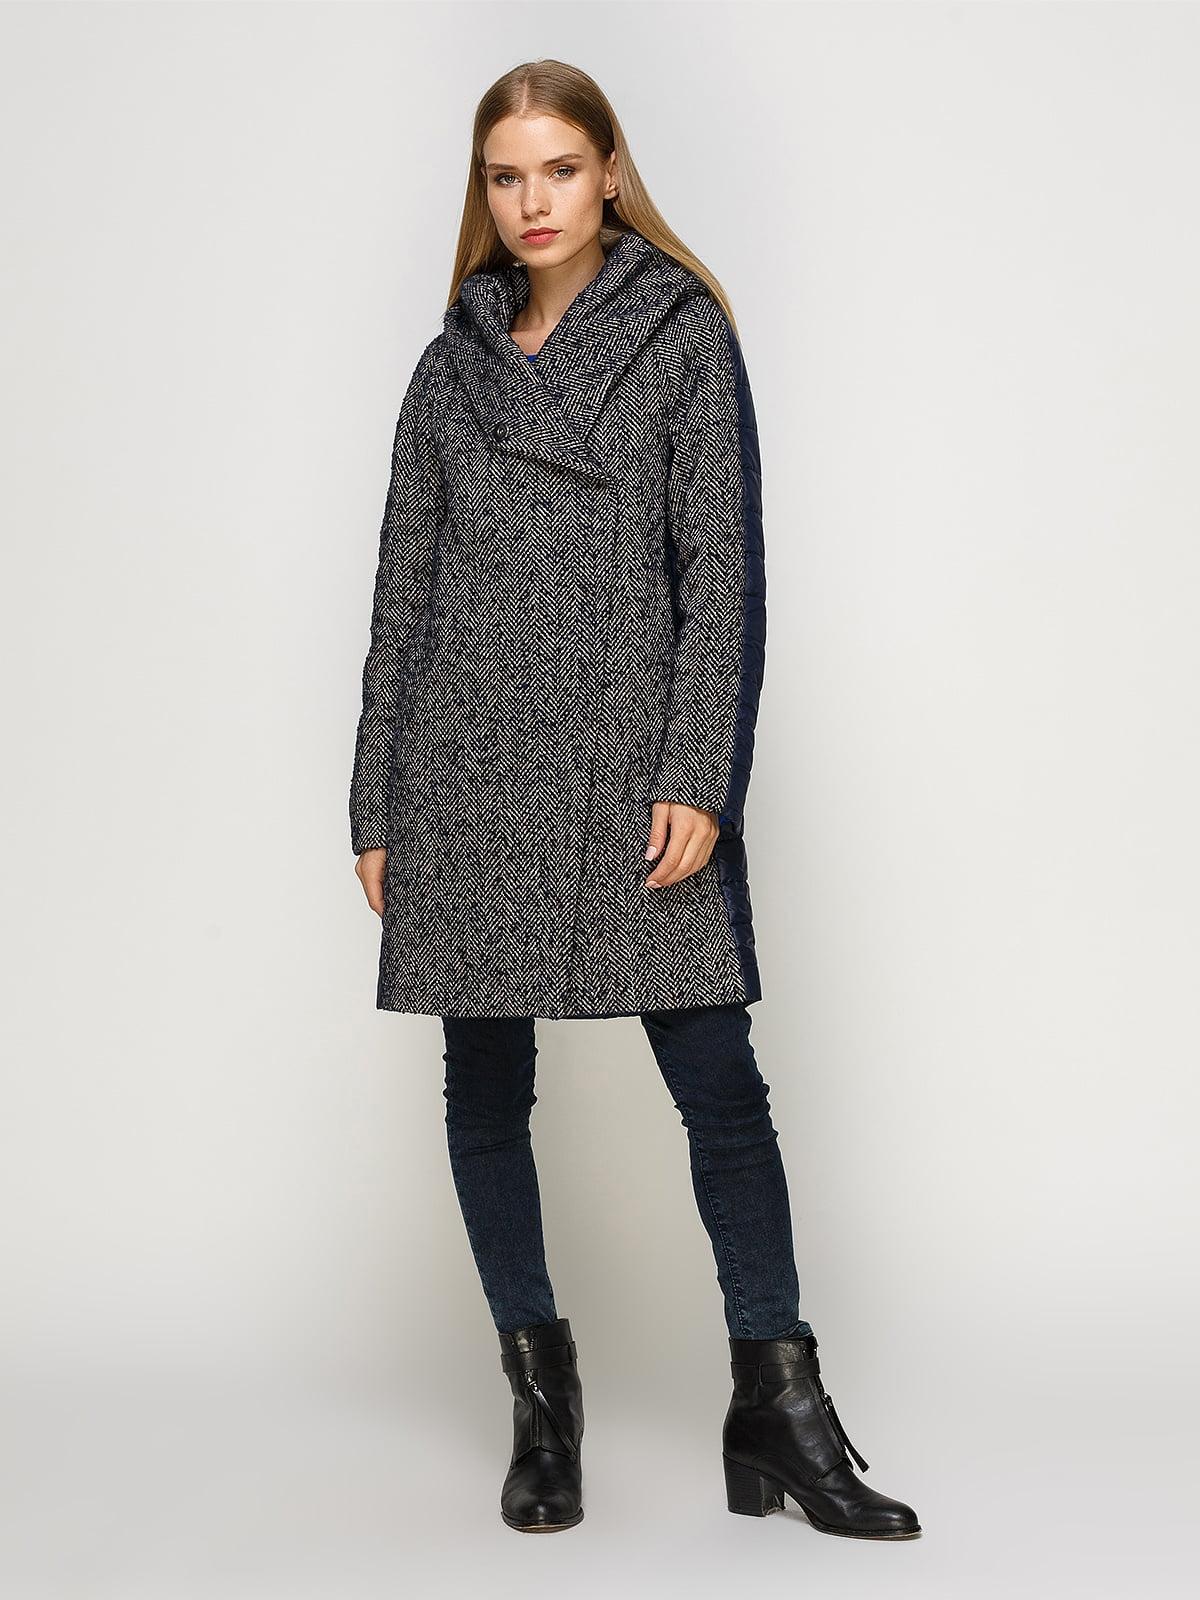 Пальто синее комбинированное | 4492639 | фото 2